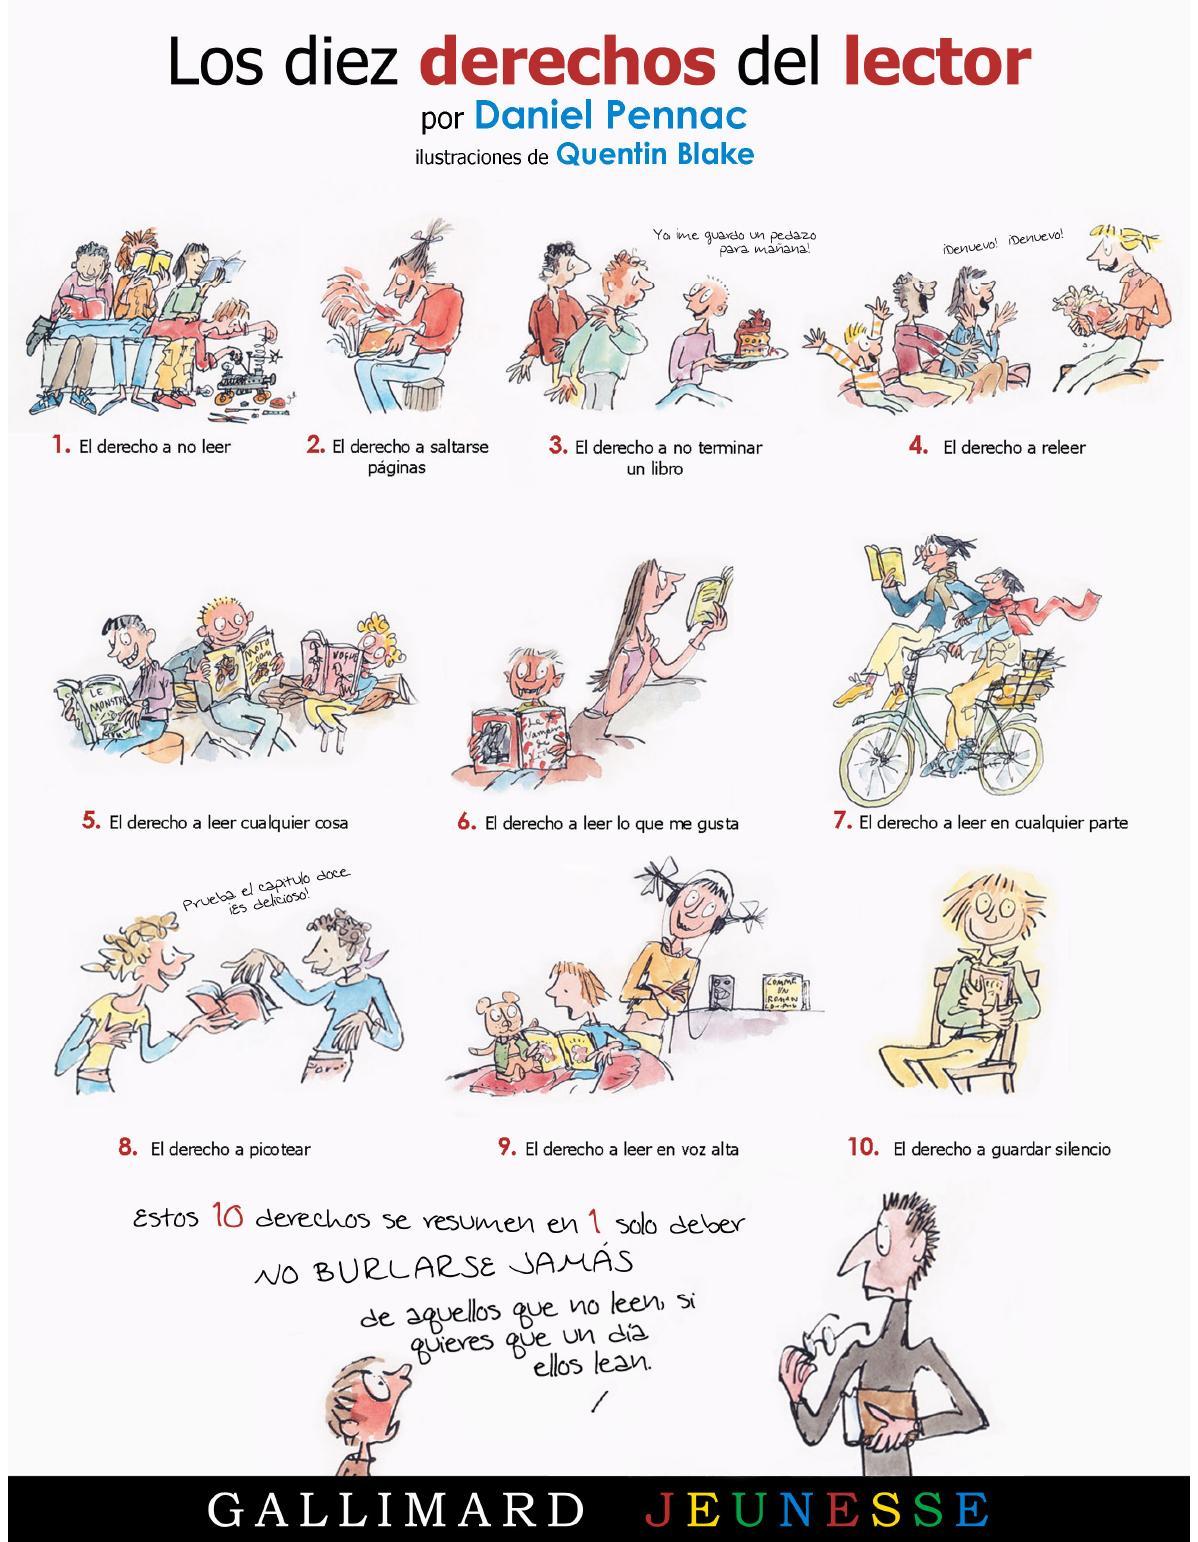 Matilda Libros: Otro variadito